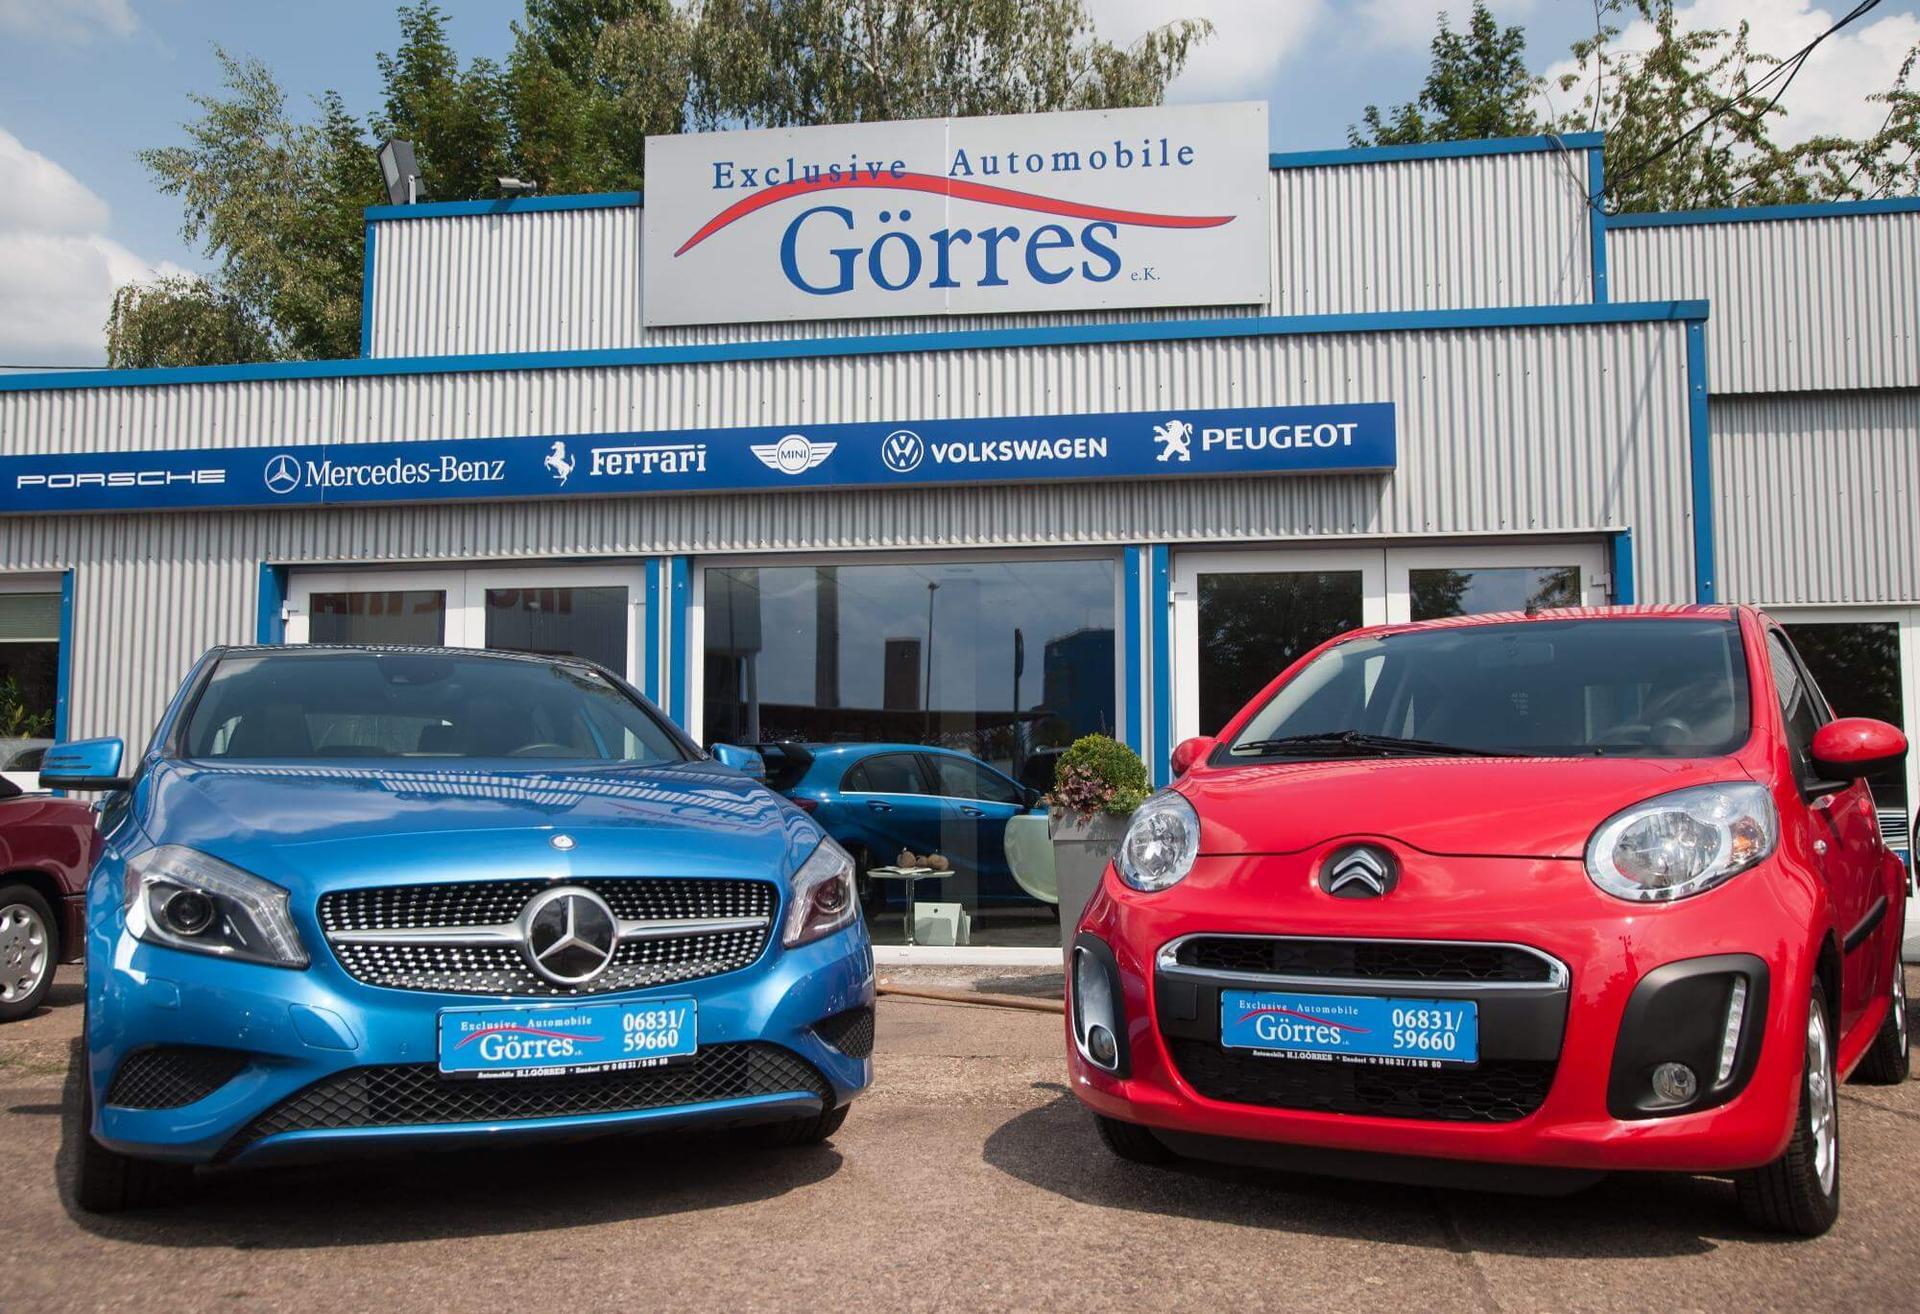 Exclusive Automobile Görres